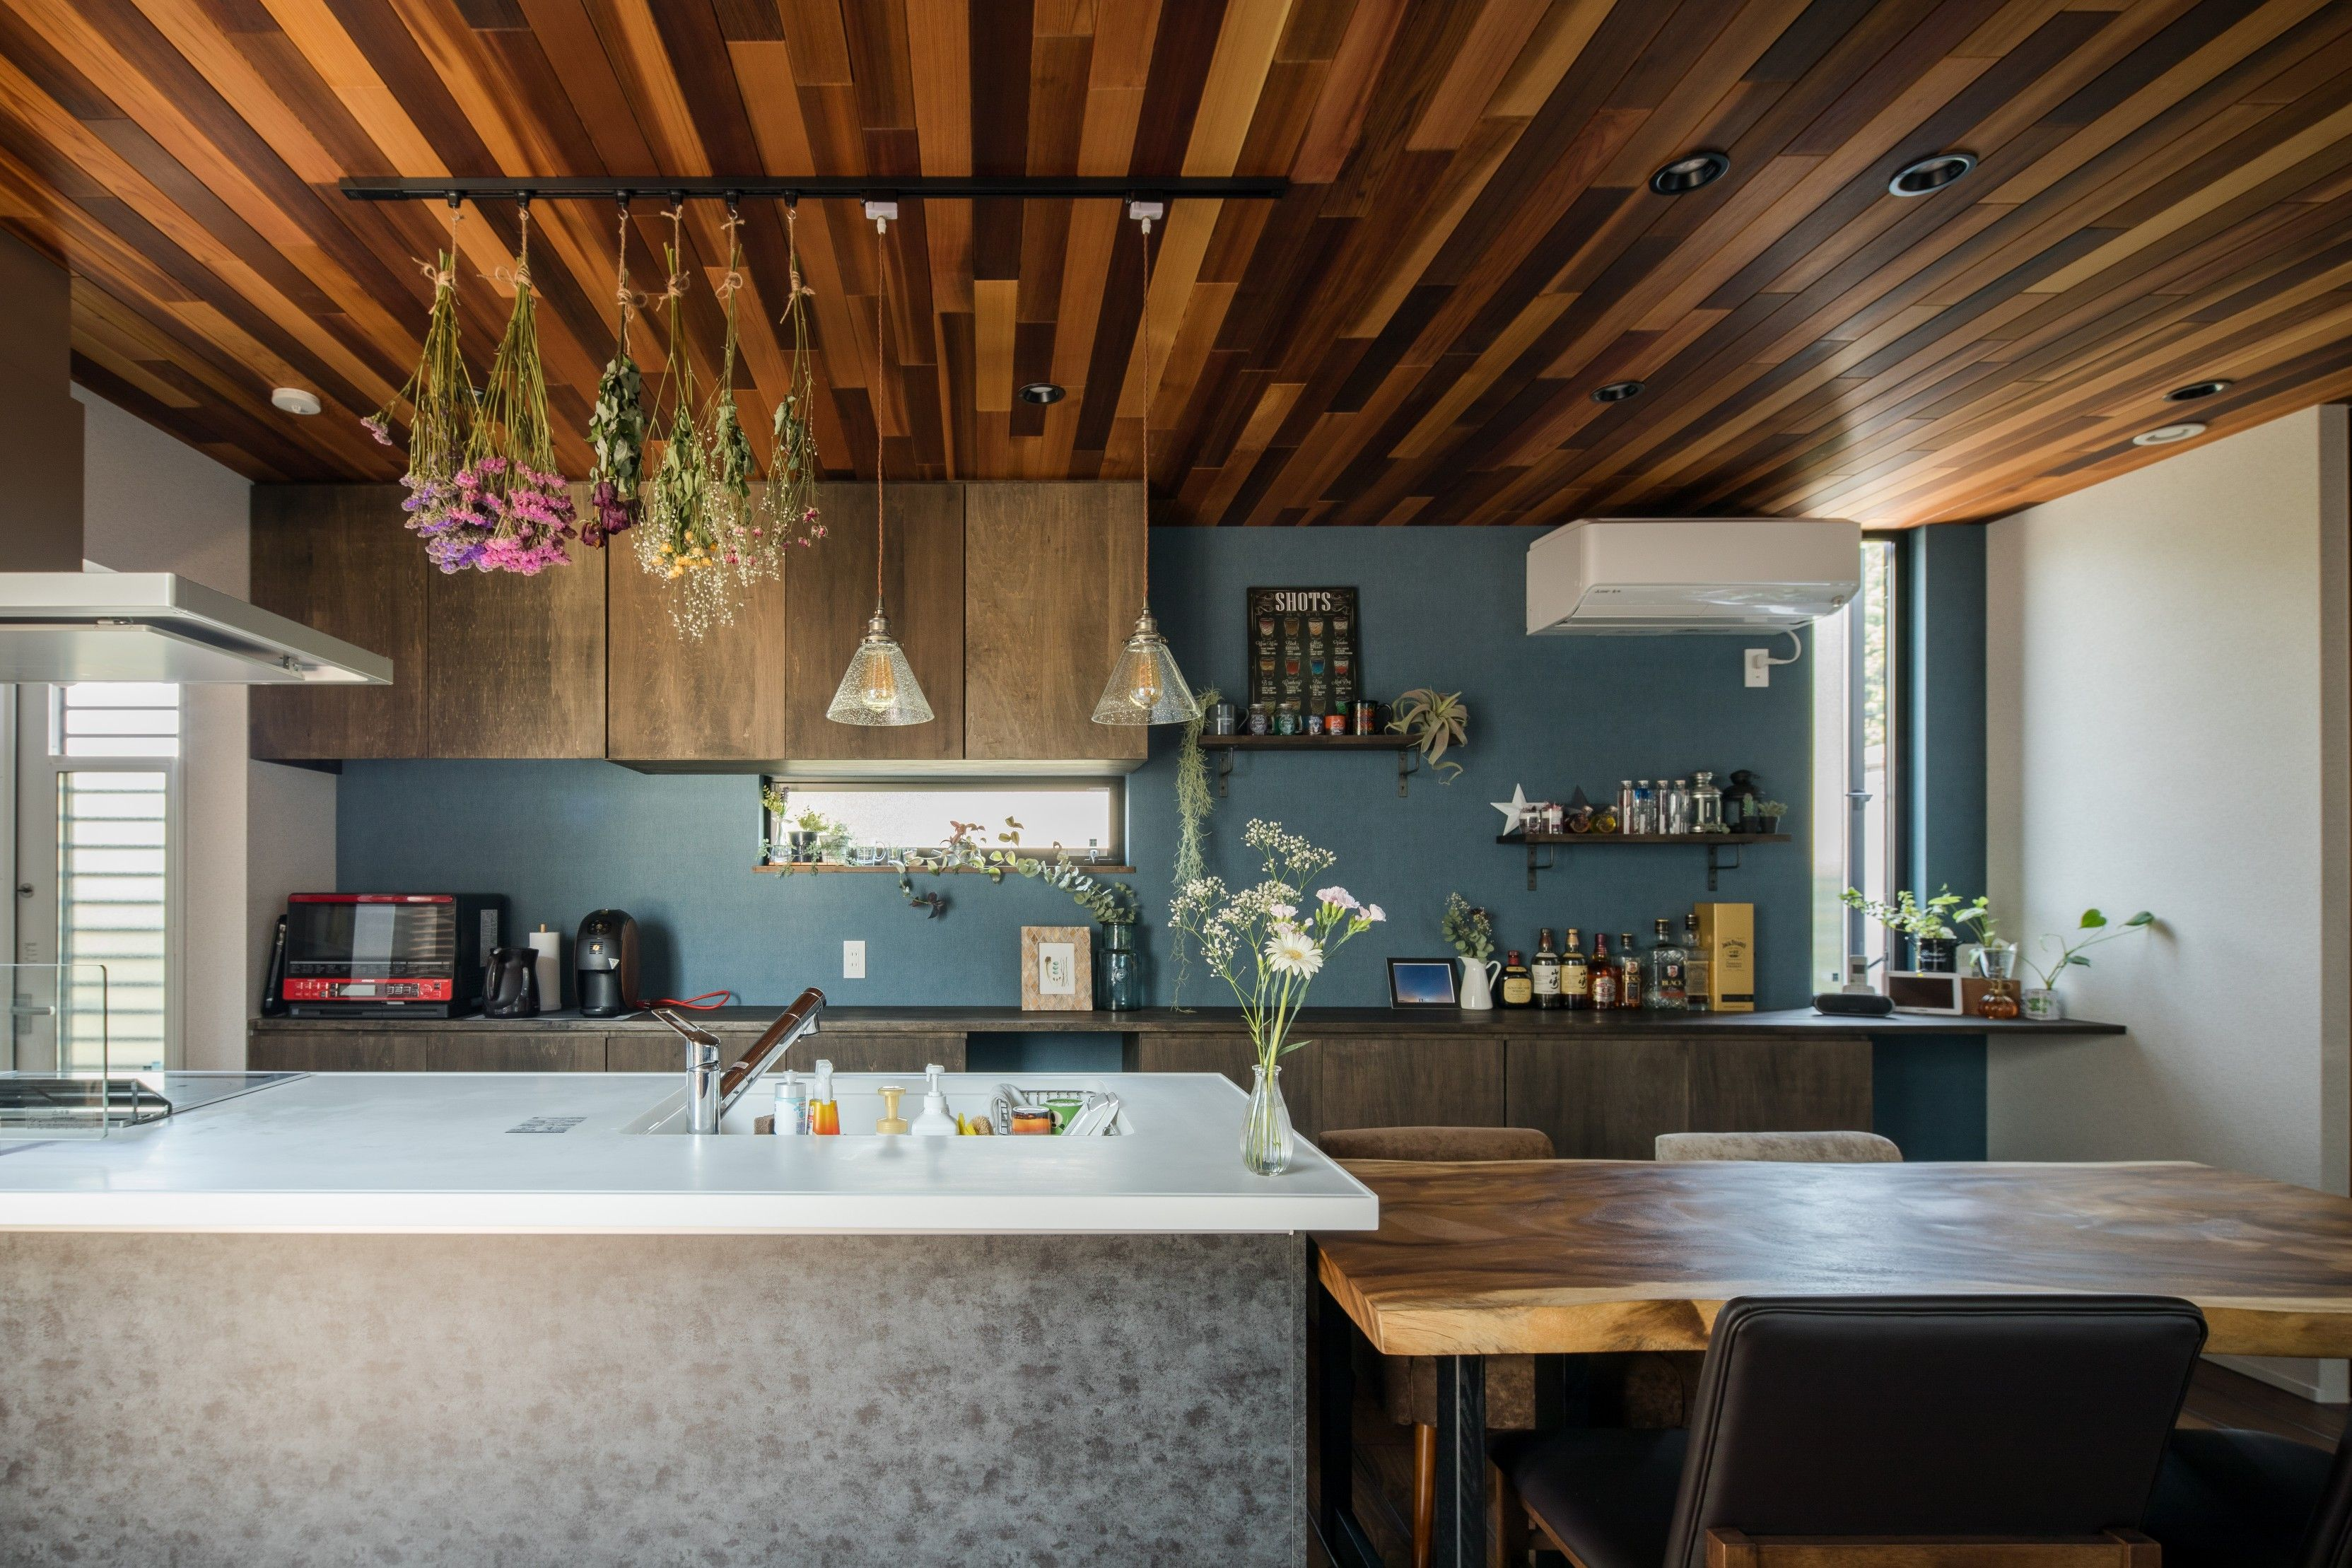 レッドシダーの天井が美しいダイニングキッチン ルポハウス 設計事務